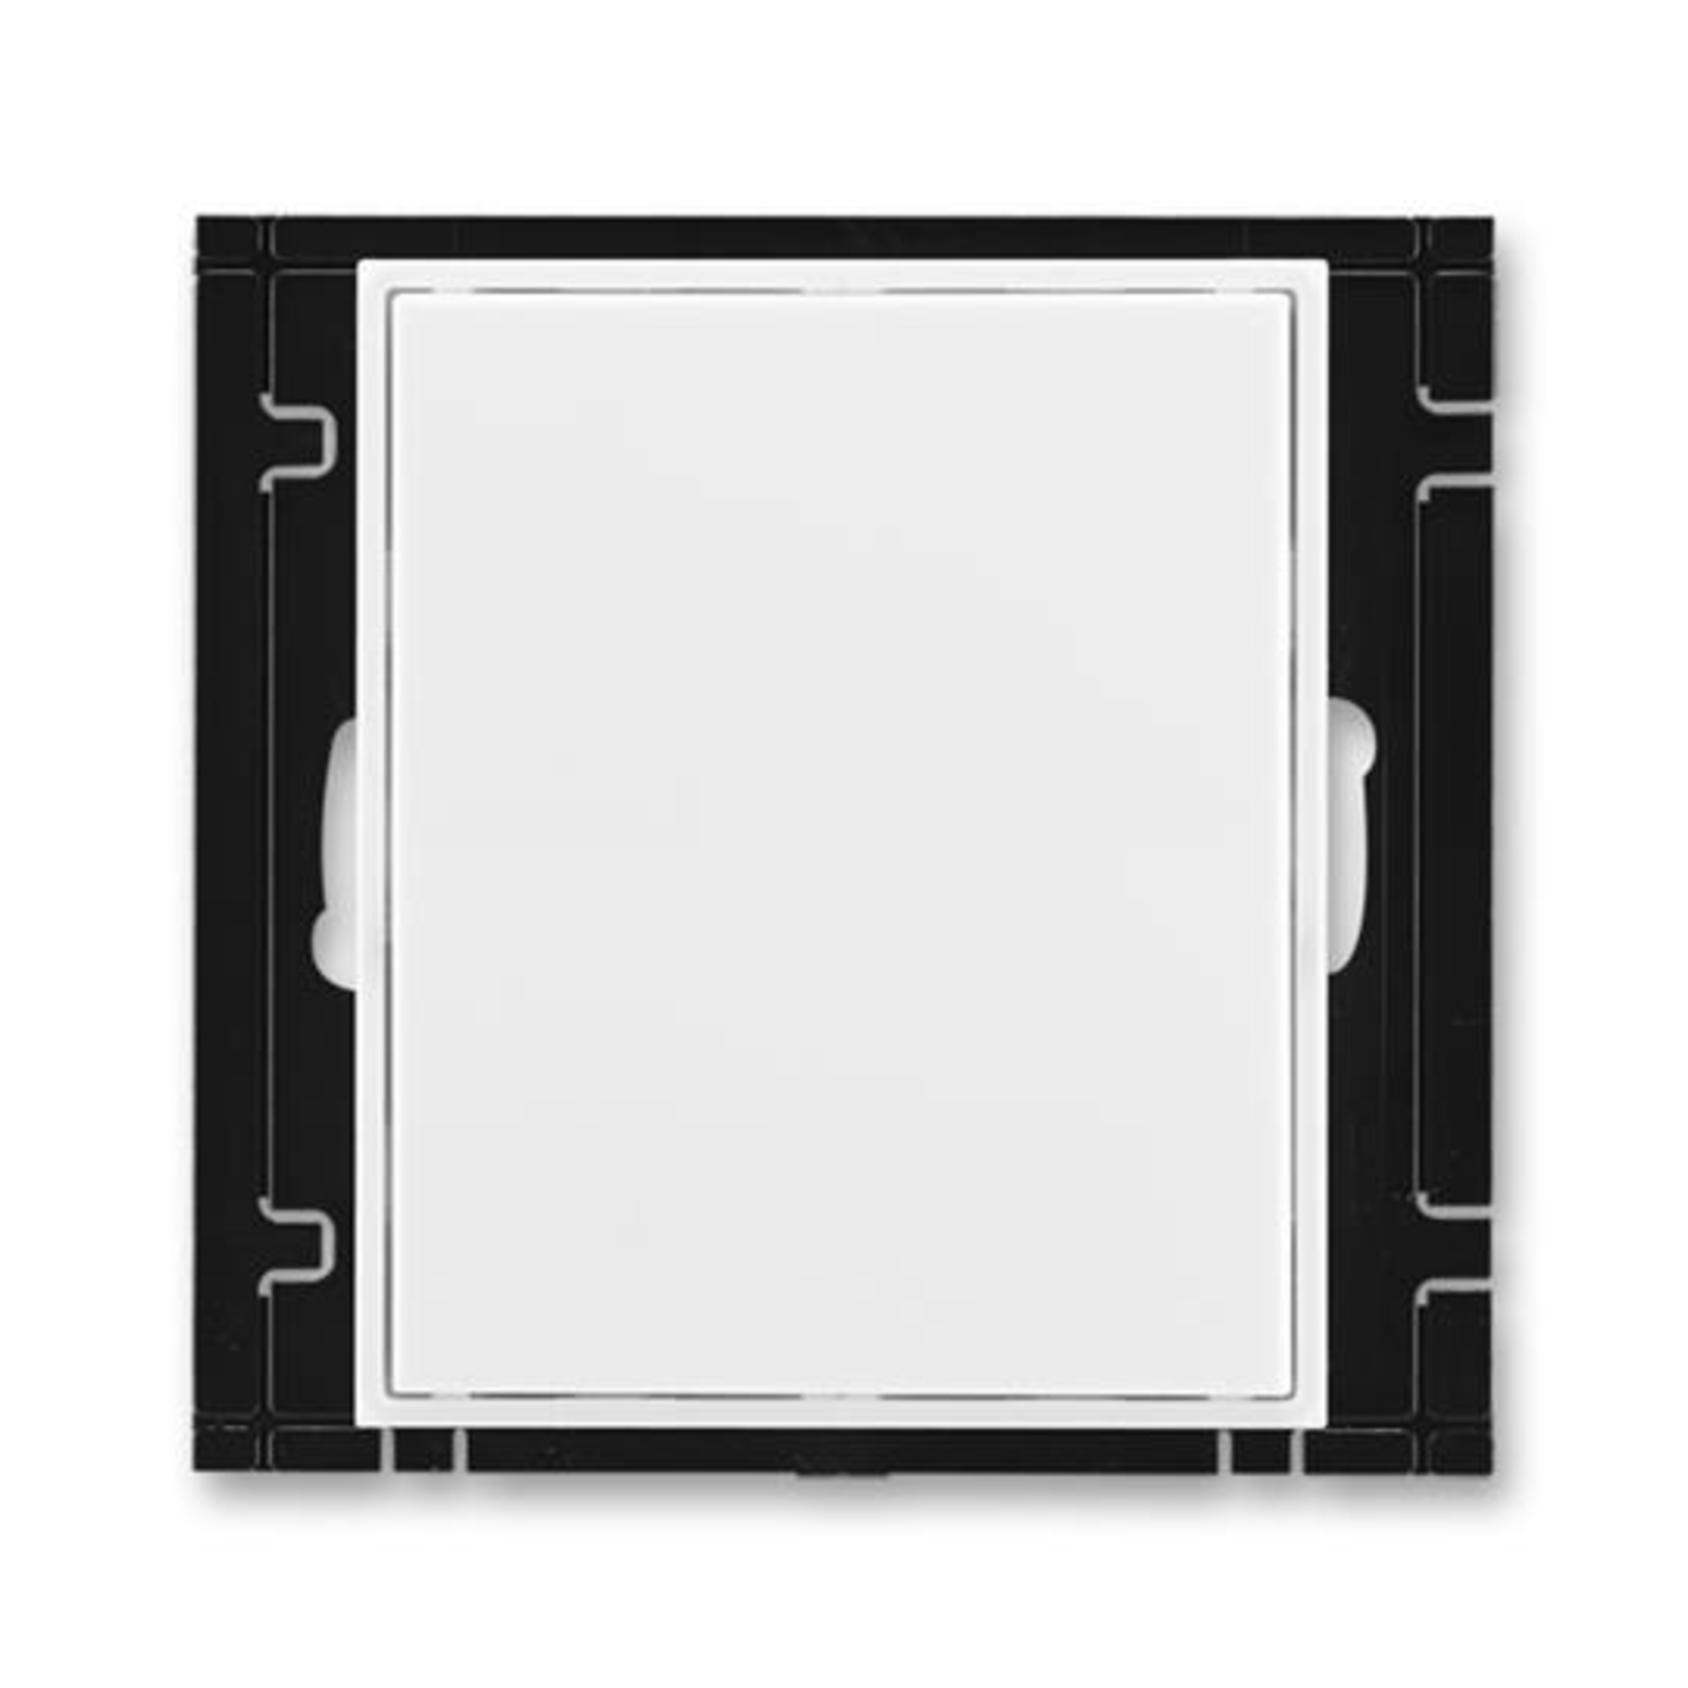 ABB 3902E-A00001 03 Element Kryt zaslepovací, s upevňovacím třmenem